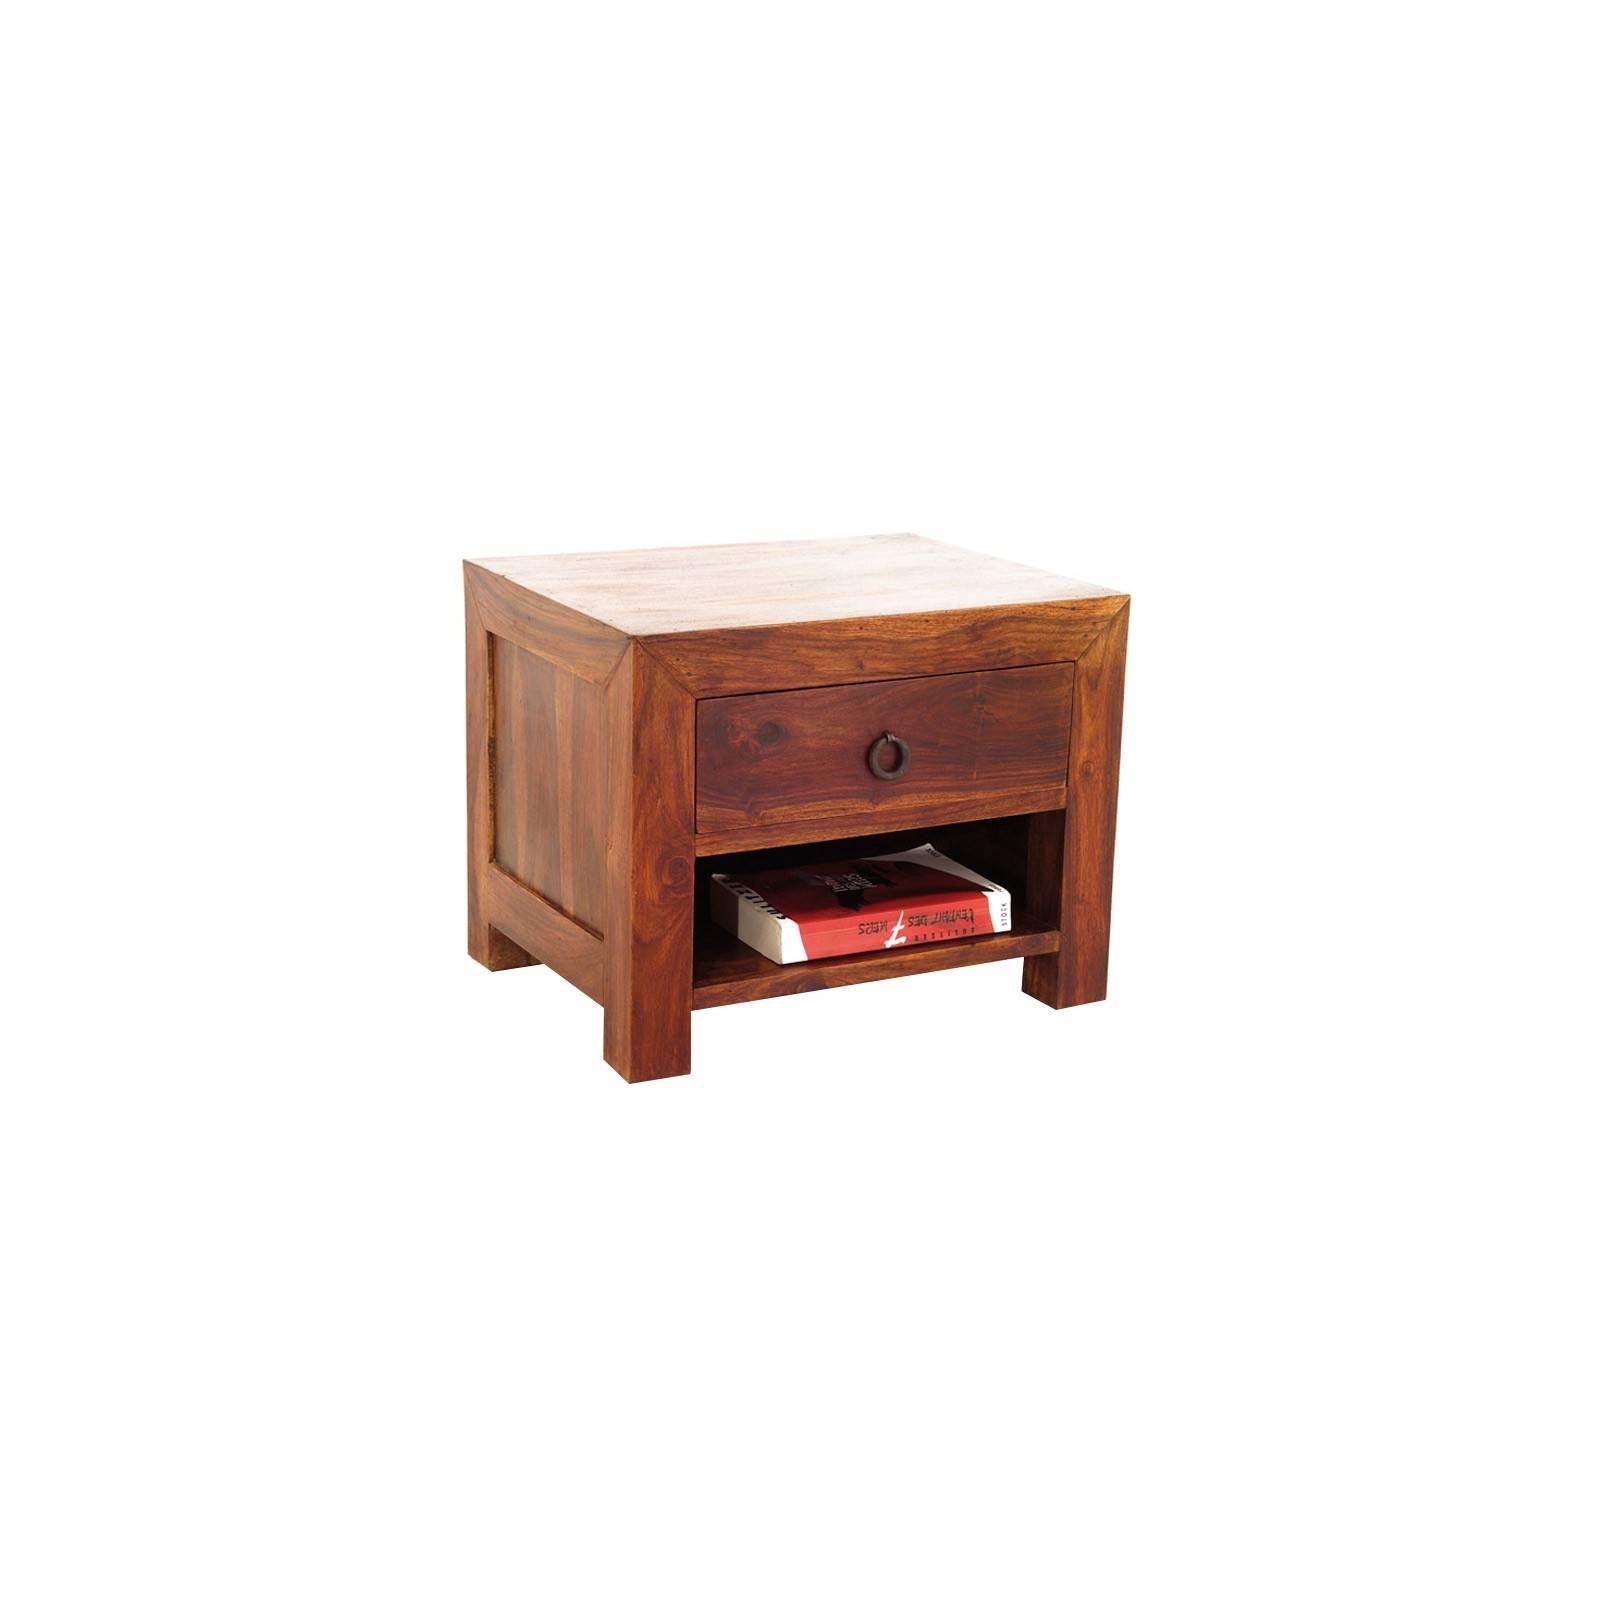 Chevet design en bois massif pour une chambre à coucher palissandre Zen.